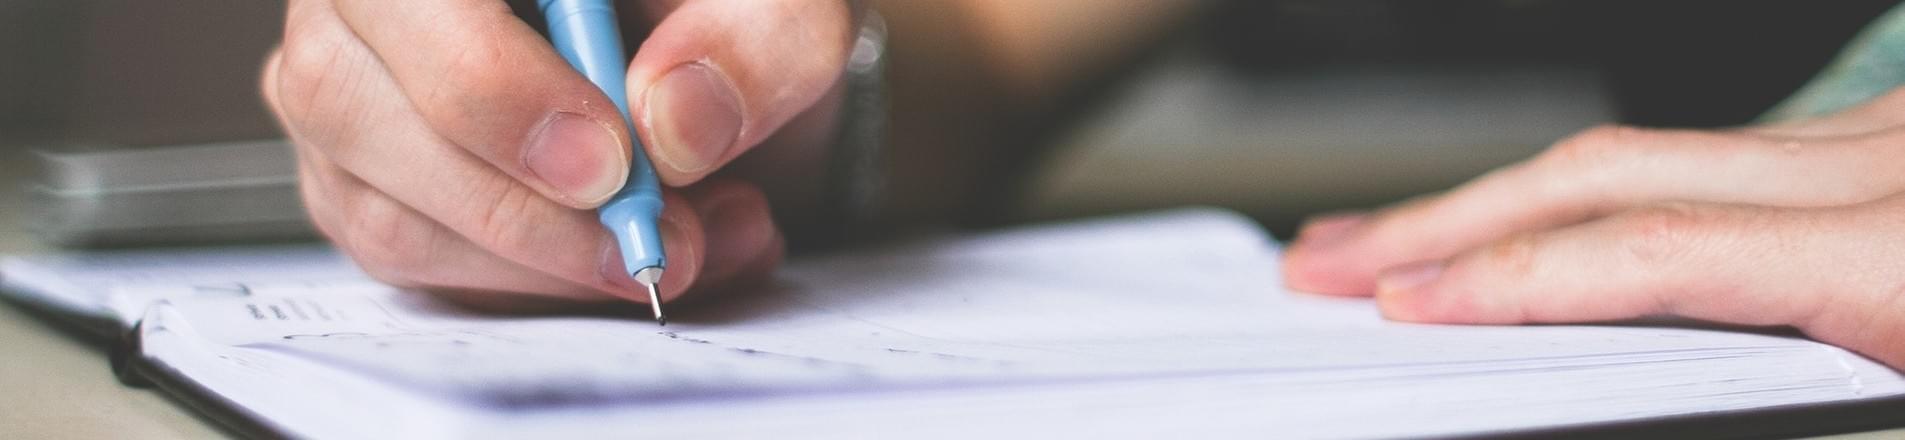 Cambridge Assessment: Post exam processing